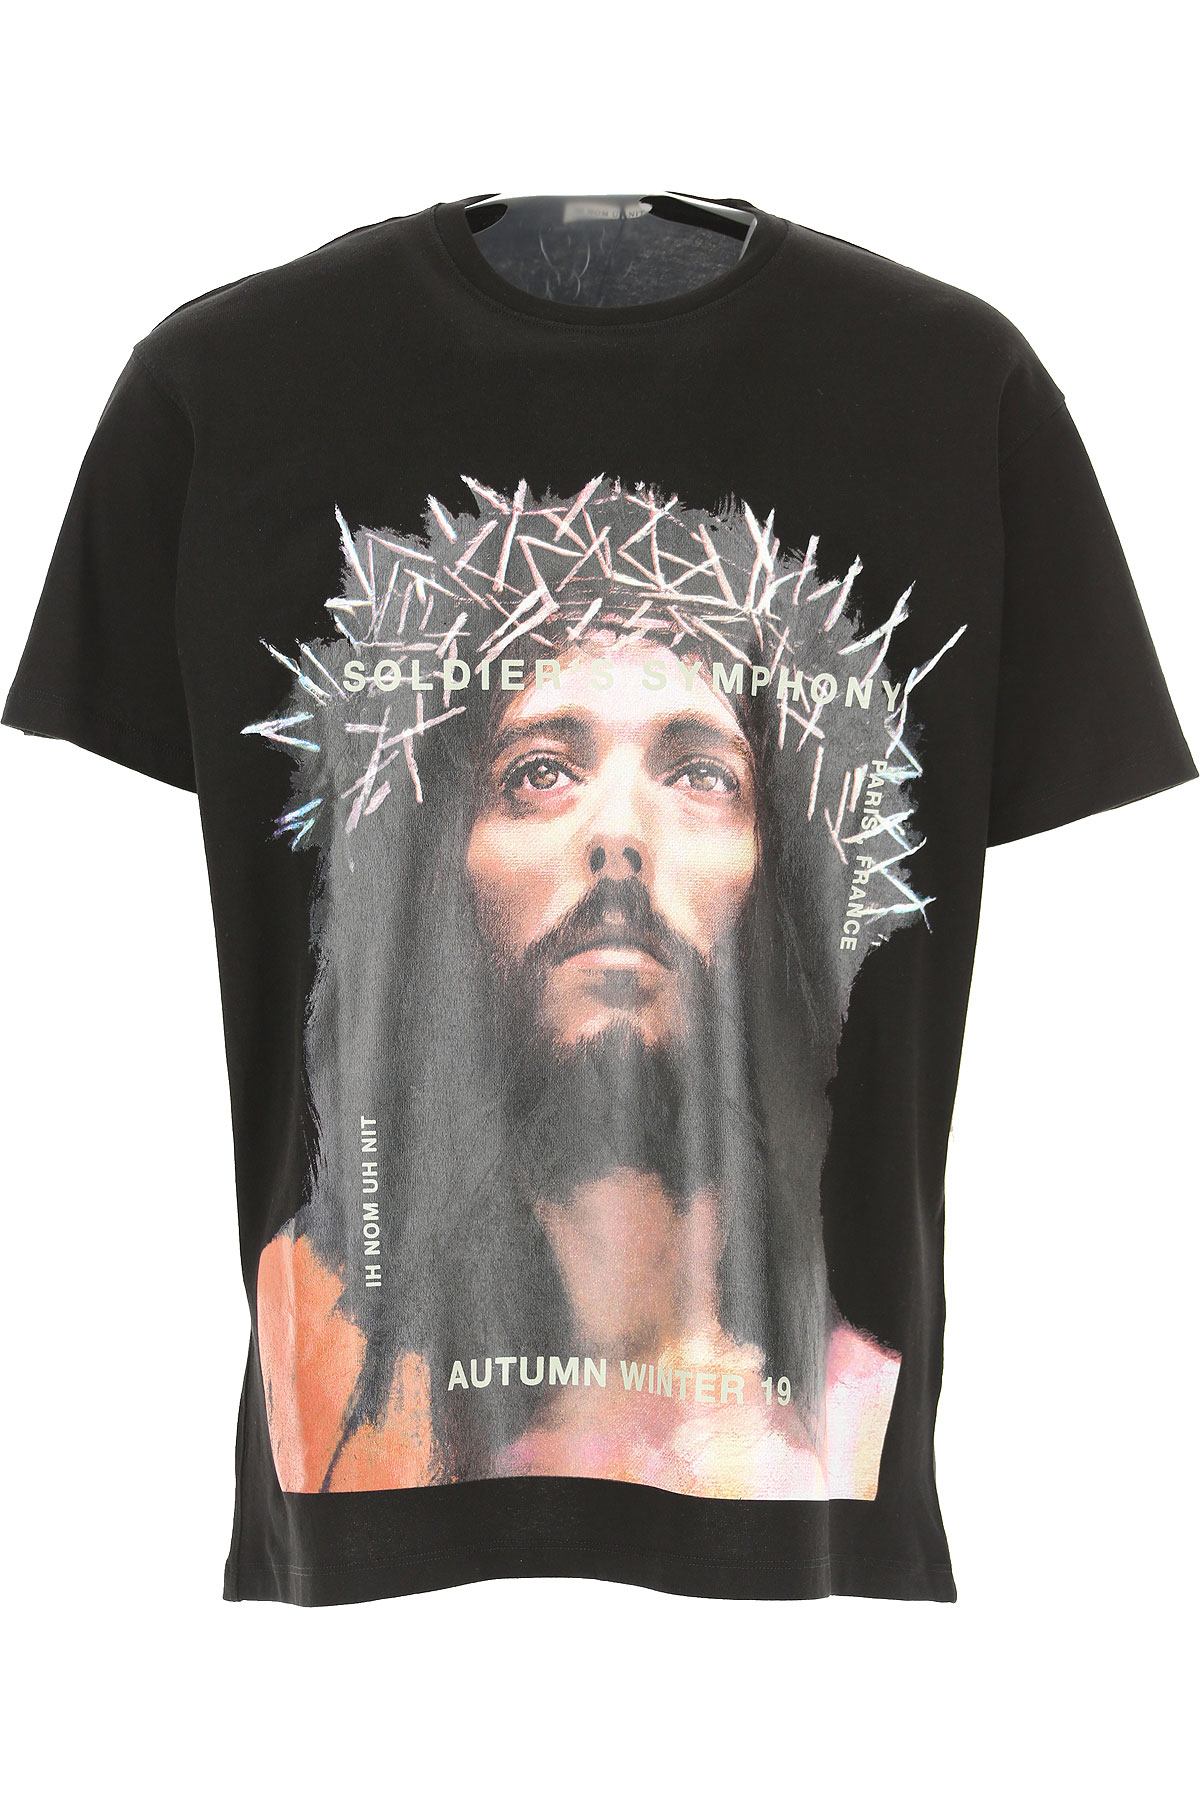 Ih Nom Uh Nit T-Shirt for Men On Sale, Black, Cotton, 2019, L M S